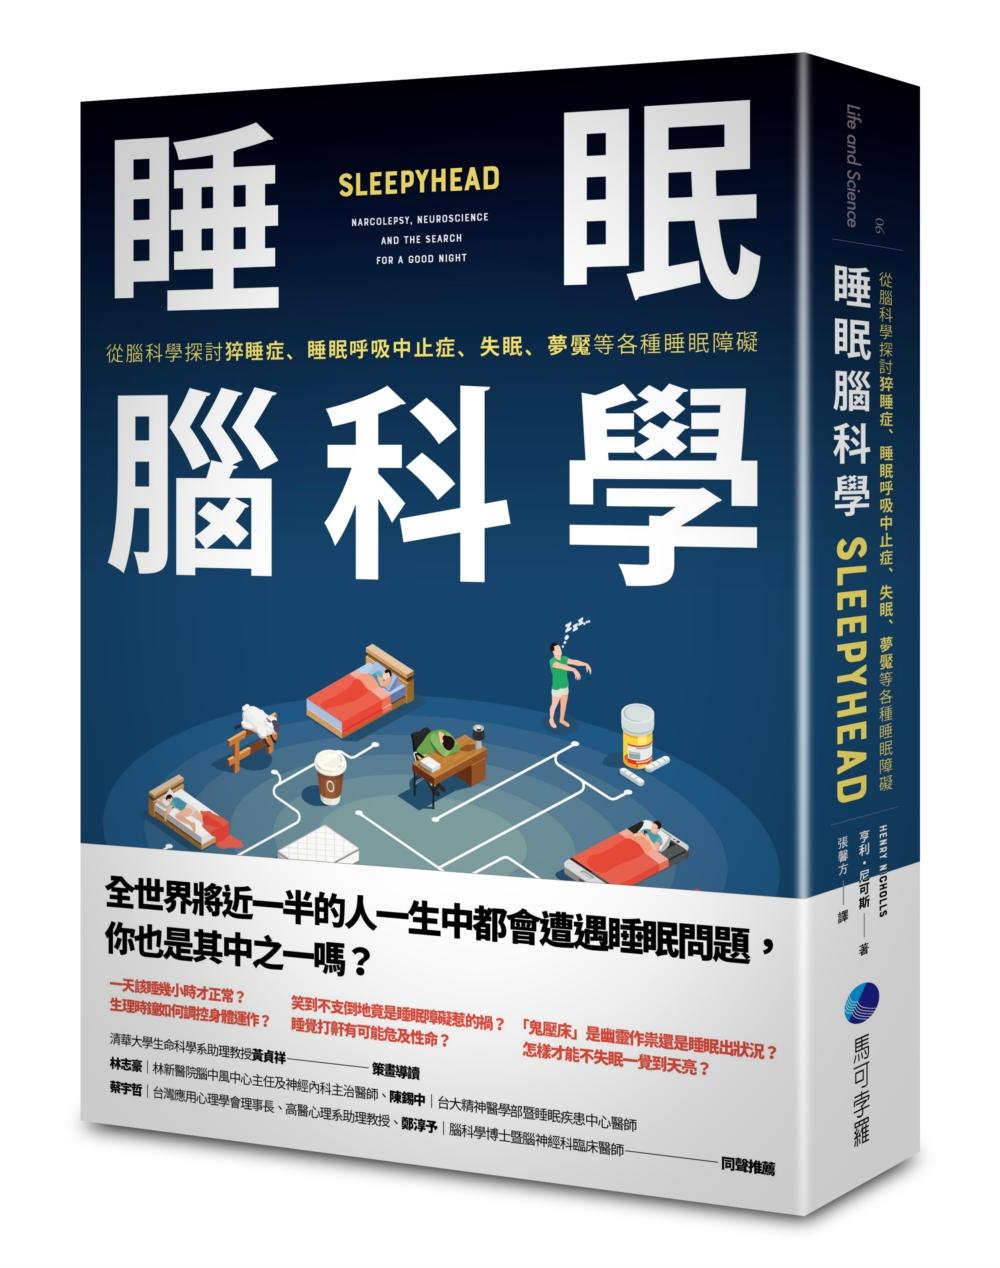 睡眠腦科學:從腦科學探討猝睡症、睡眠呼吸中止症、失眠、夢魘等各種睡眠障礙